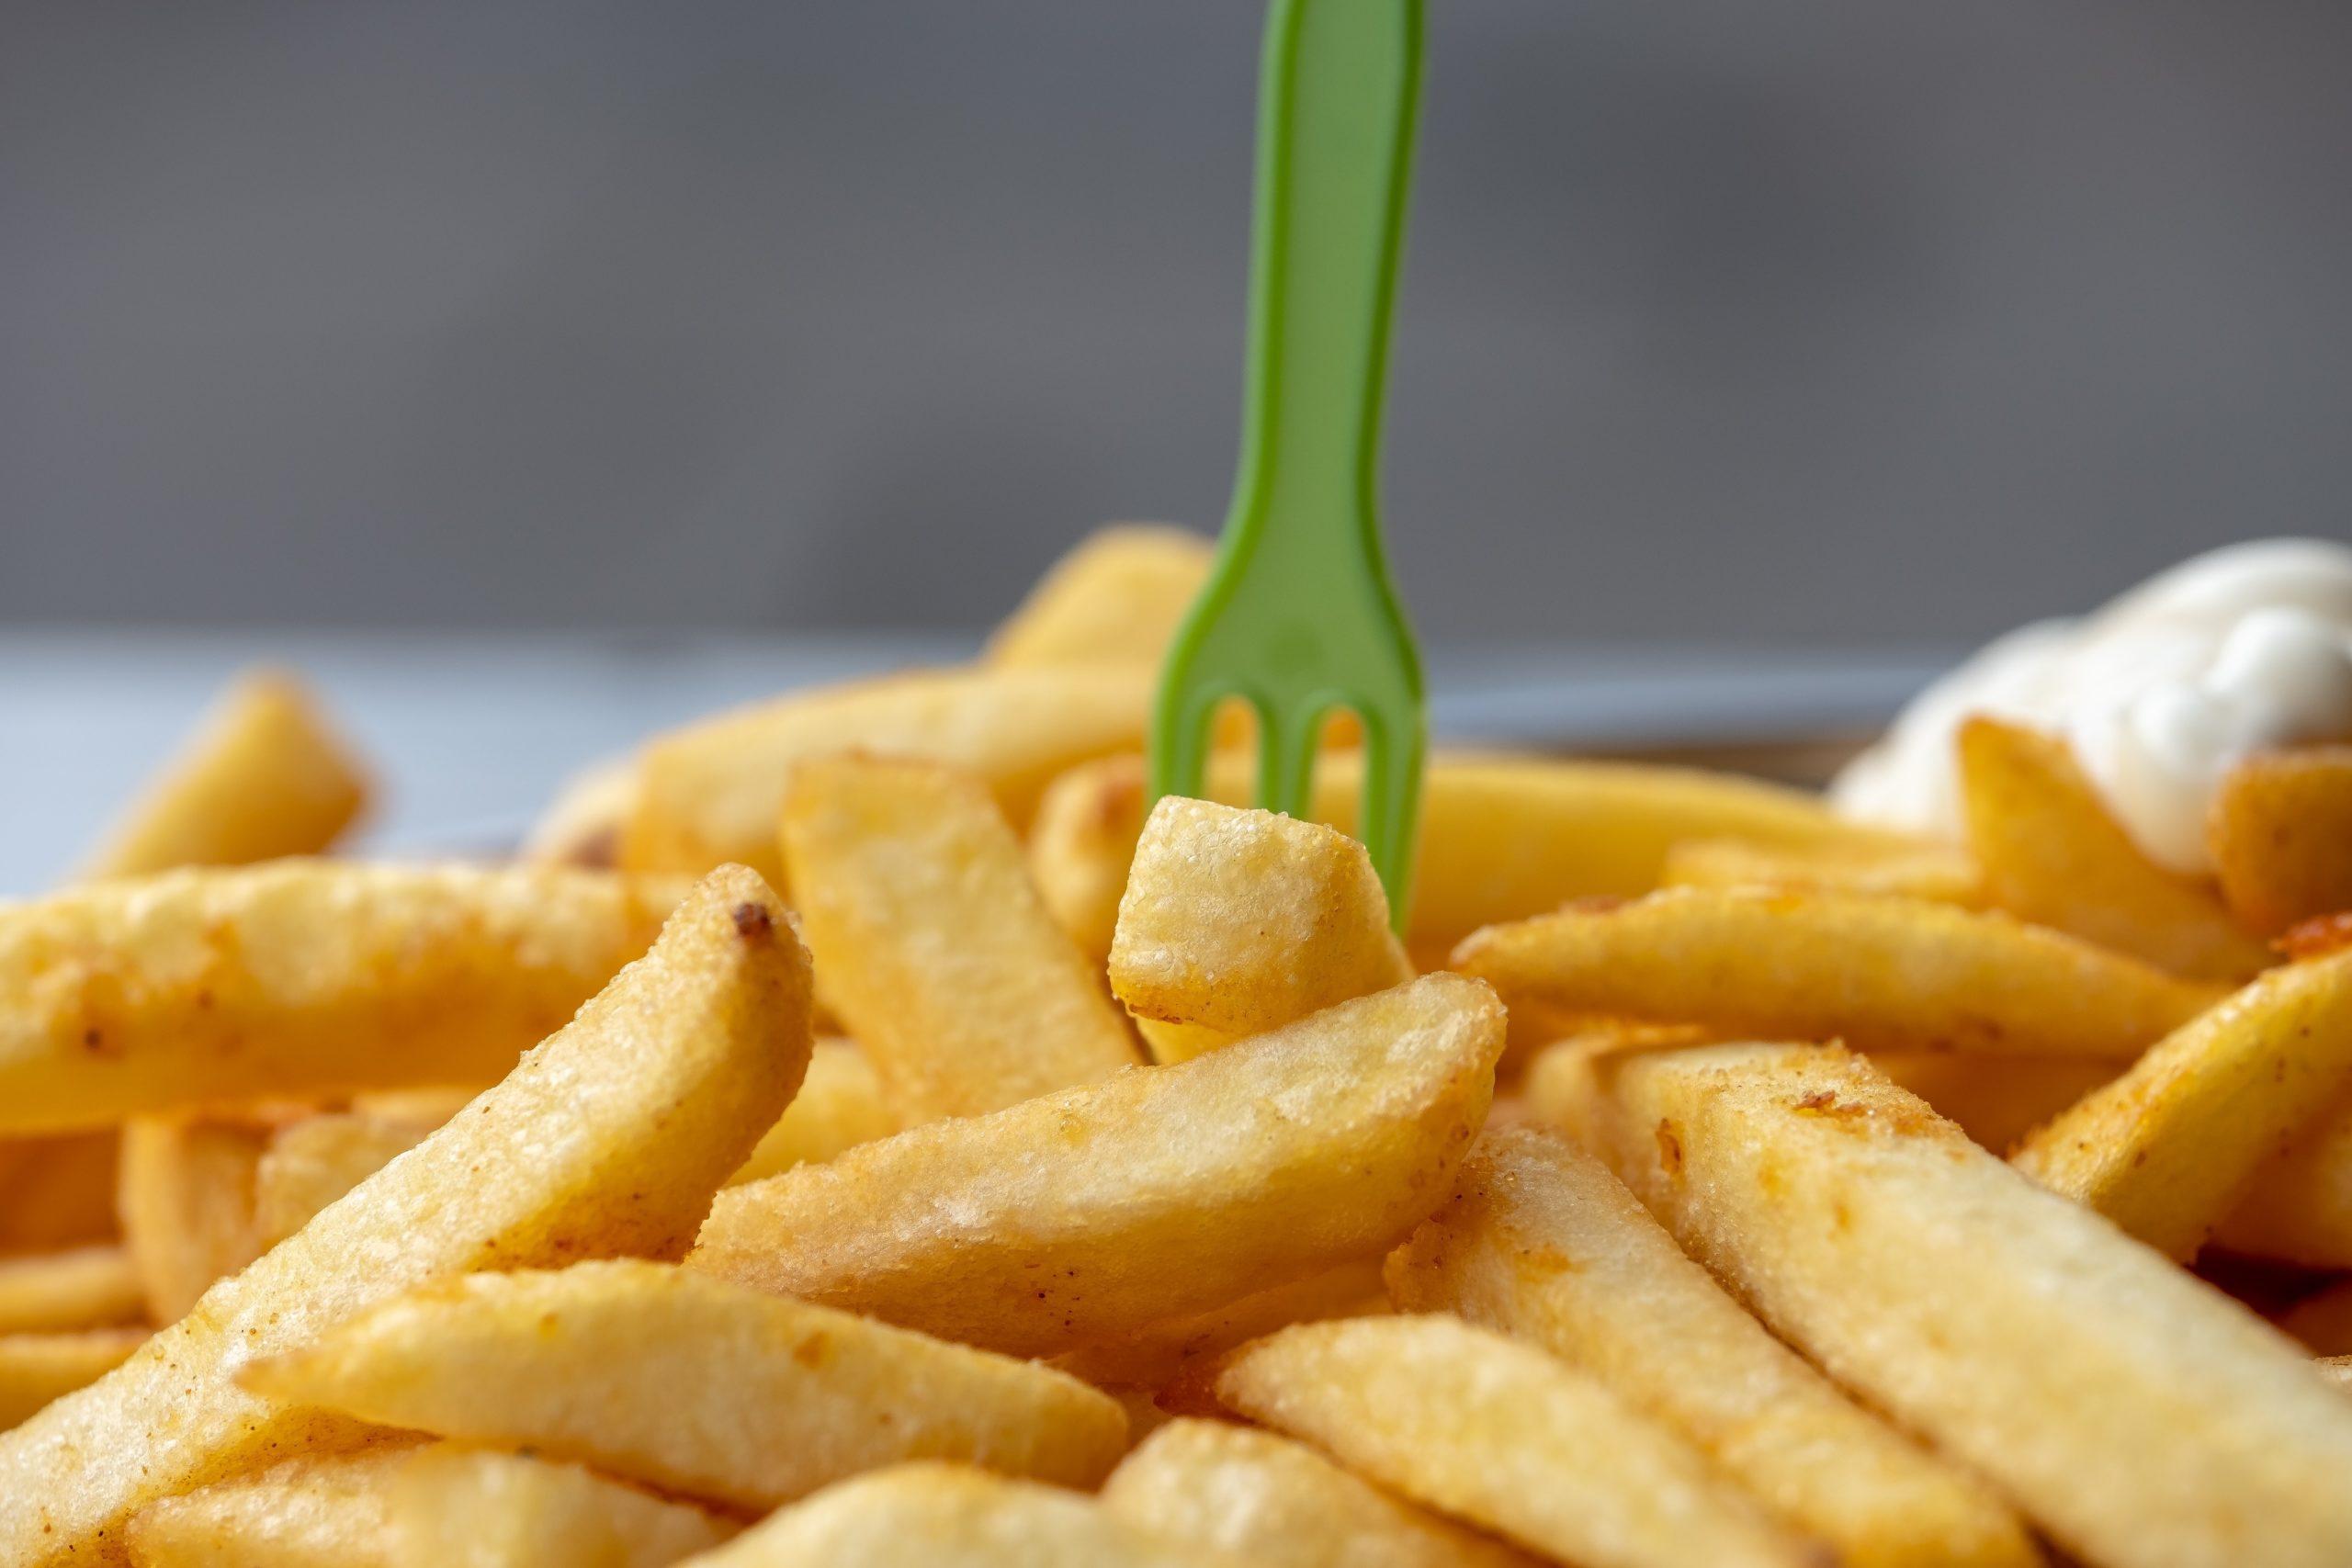 なぜマルゼン 涼厨フライヤーMGFシリーズが飲食店に選ばれるのか?